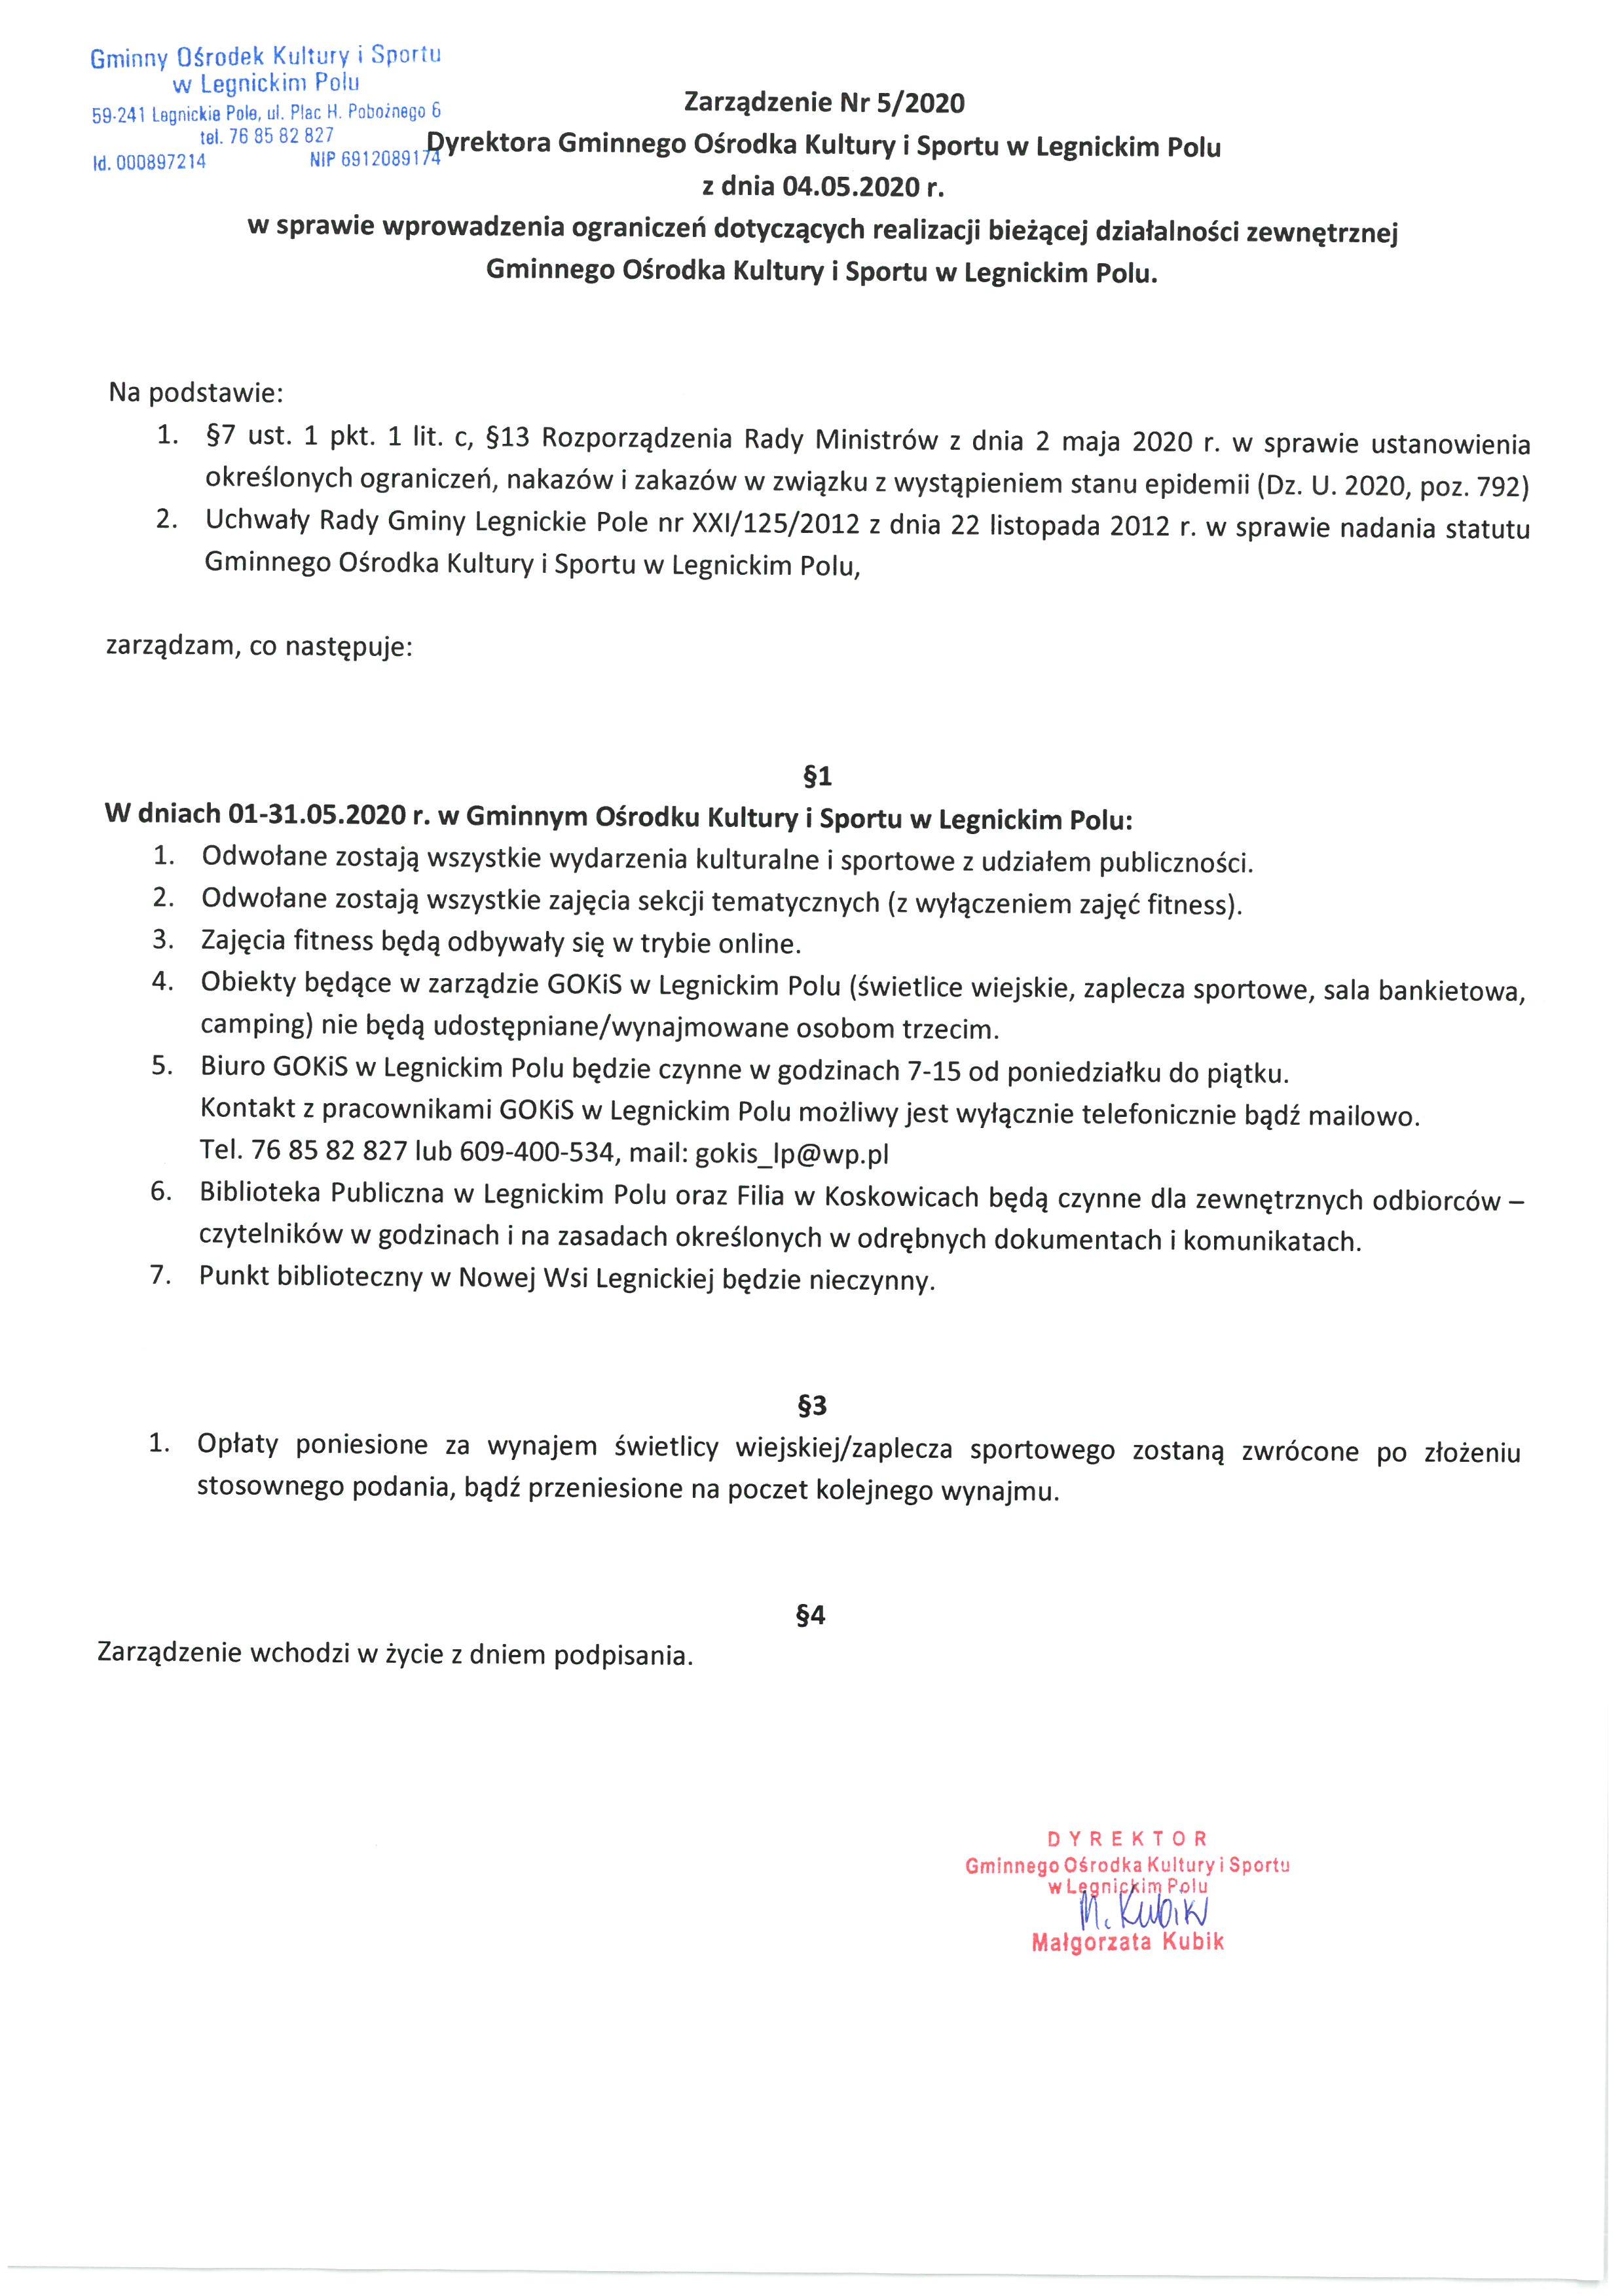 Zarządzenie Dyrektora Gminnego Ośrodka Kultury i Sportu w Legnickim Polu w sprawie wprowadzenia ograniczeń dotyczących realizacji bieżącej działalności zewnętrznej GOKiS.